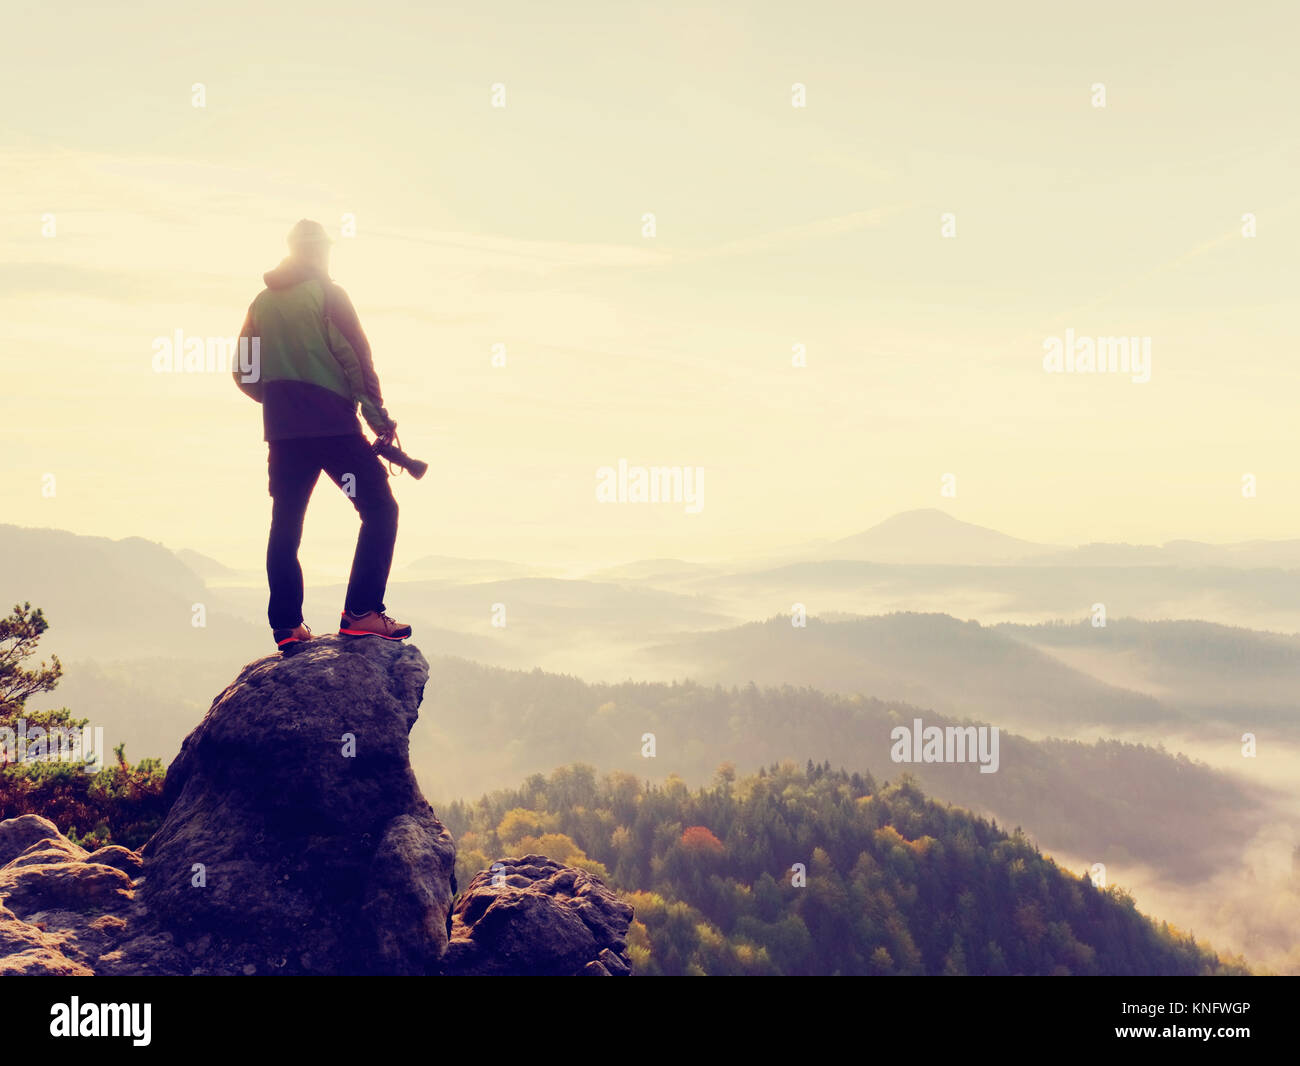 Fotógrafo de la naturaleza de la acción. Silueta de un hombre por encima de las nubes, niebla por la mañana Imagen De Stock